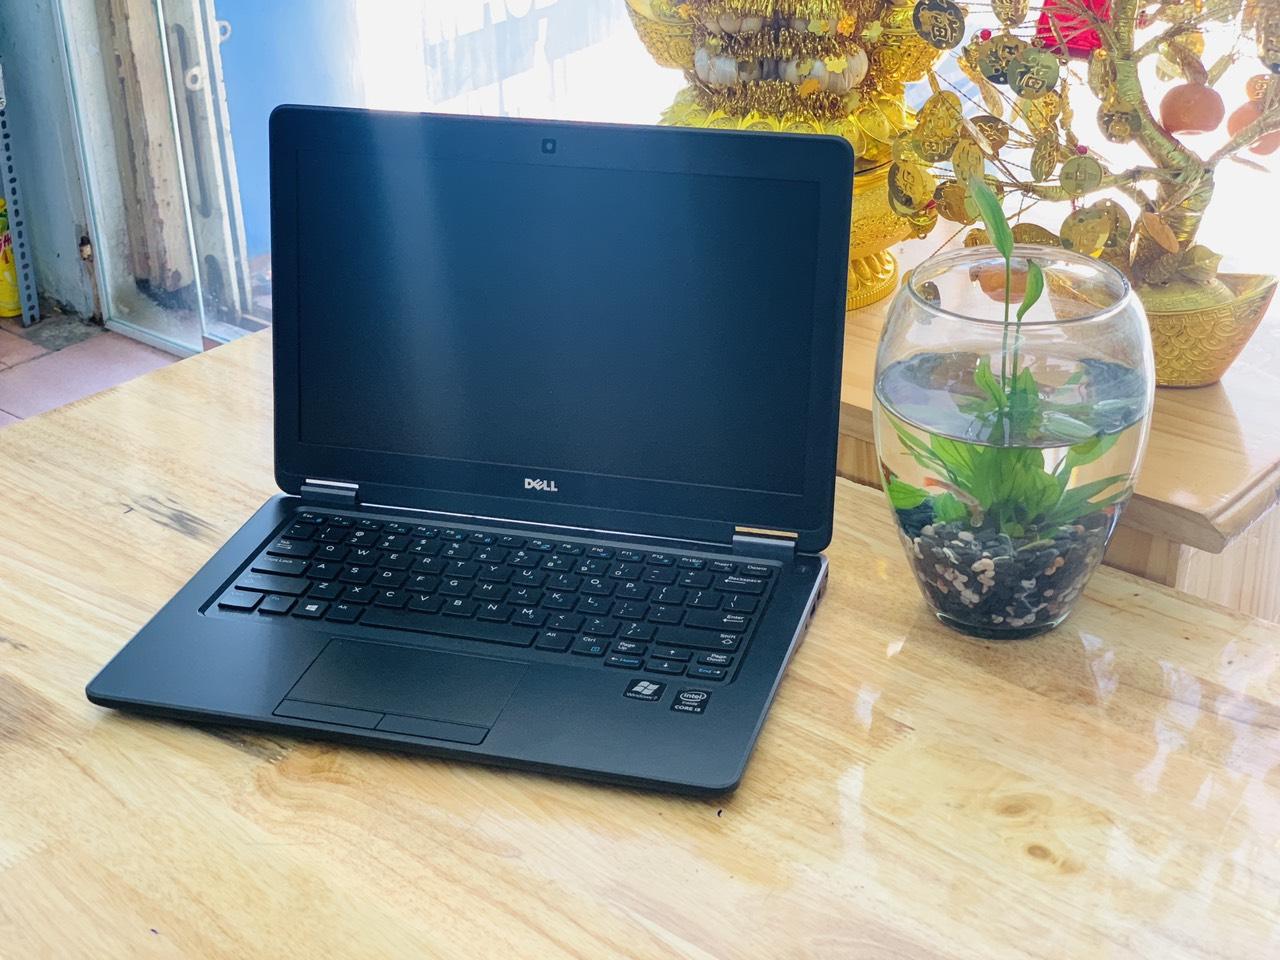 a54d5fe6b09b54c50d8a Laptop Dell Latitude E7250 i5 5300U Ram 8GB SSD 256GB 12.5 inch Siêu Bền Siêu Mỏng